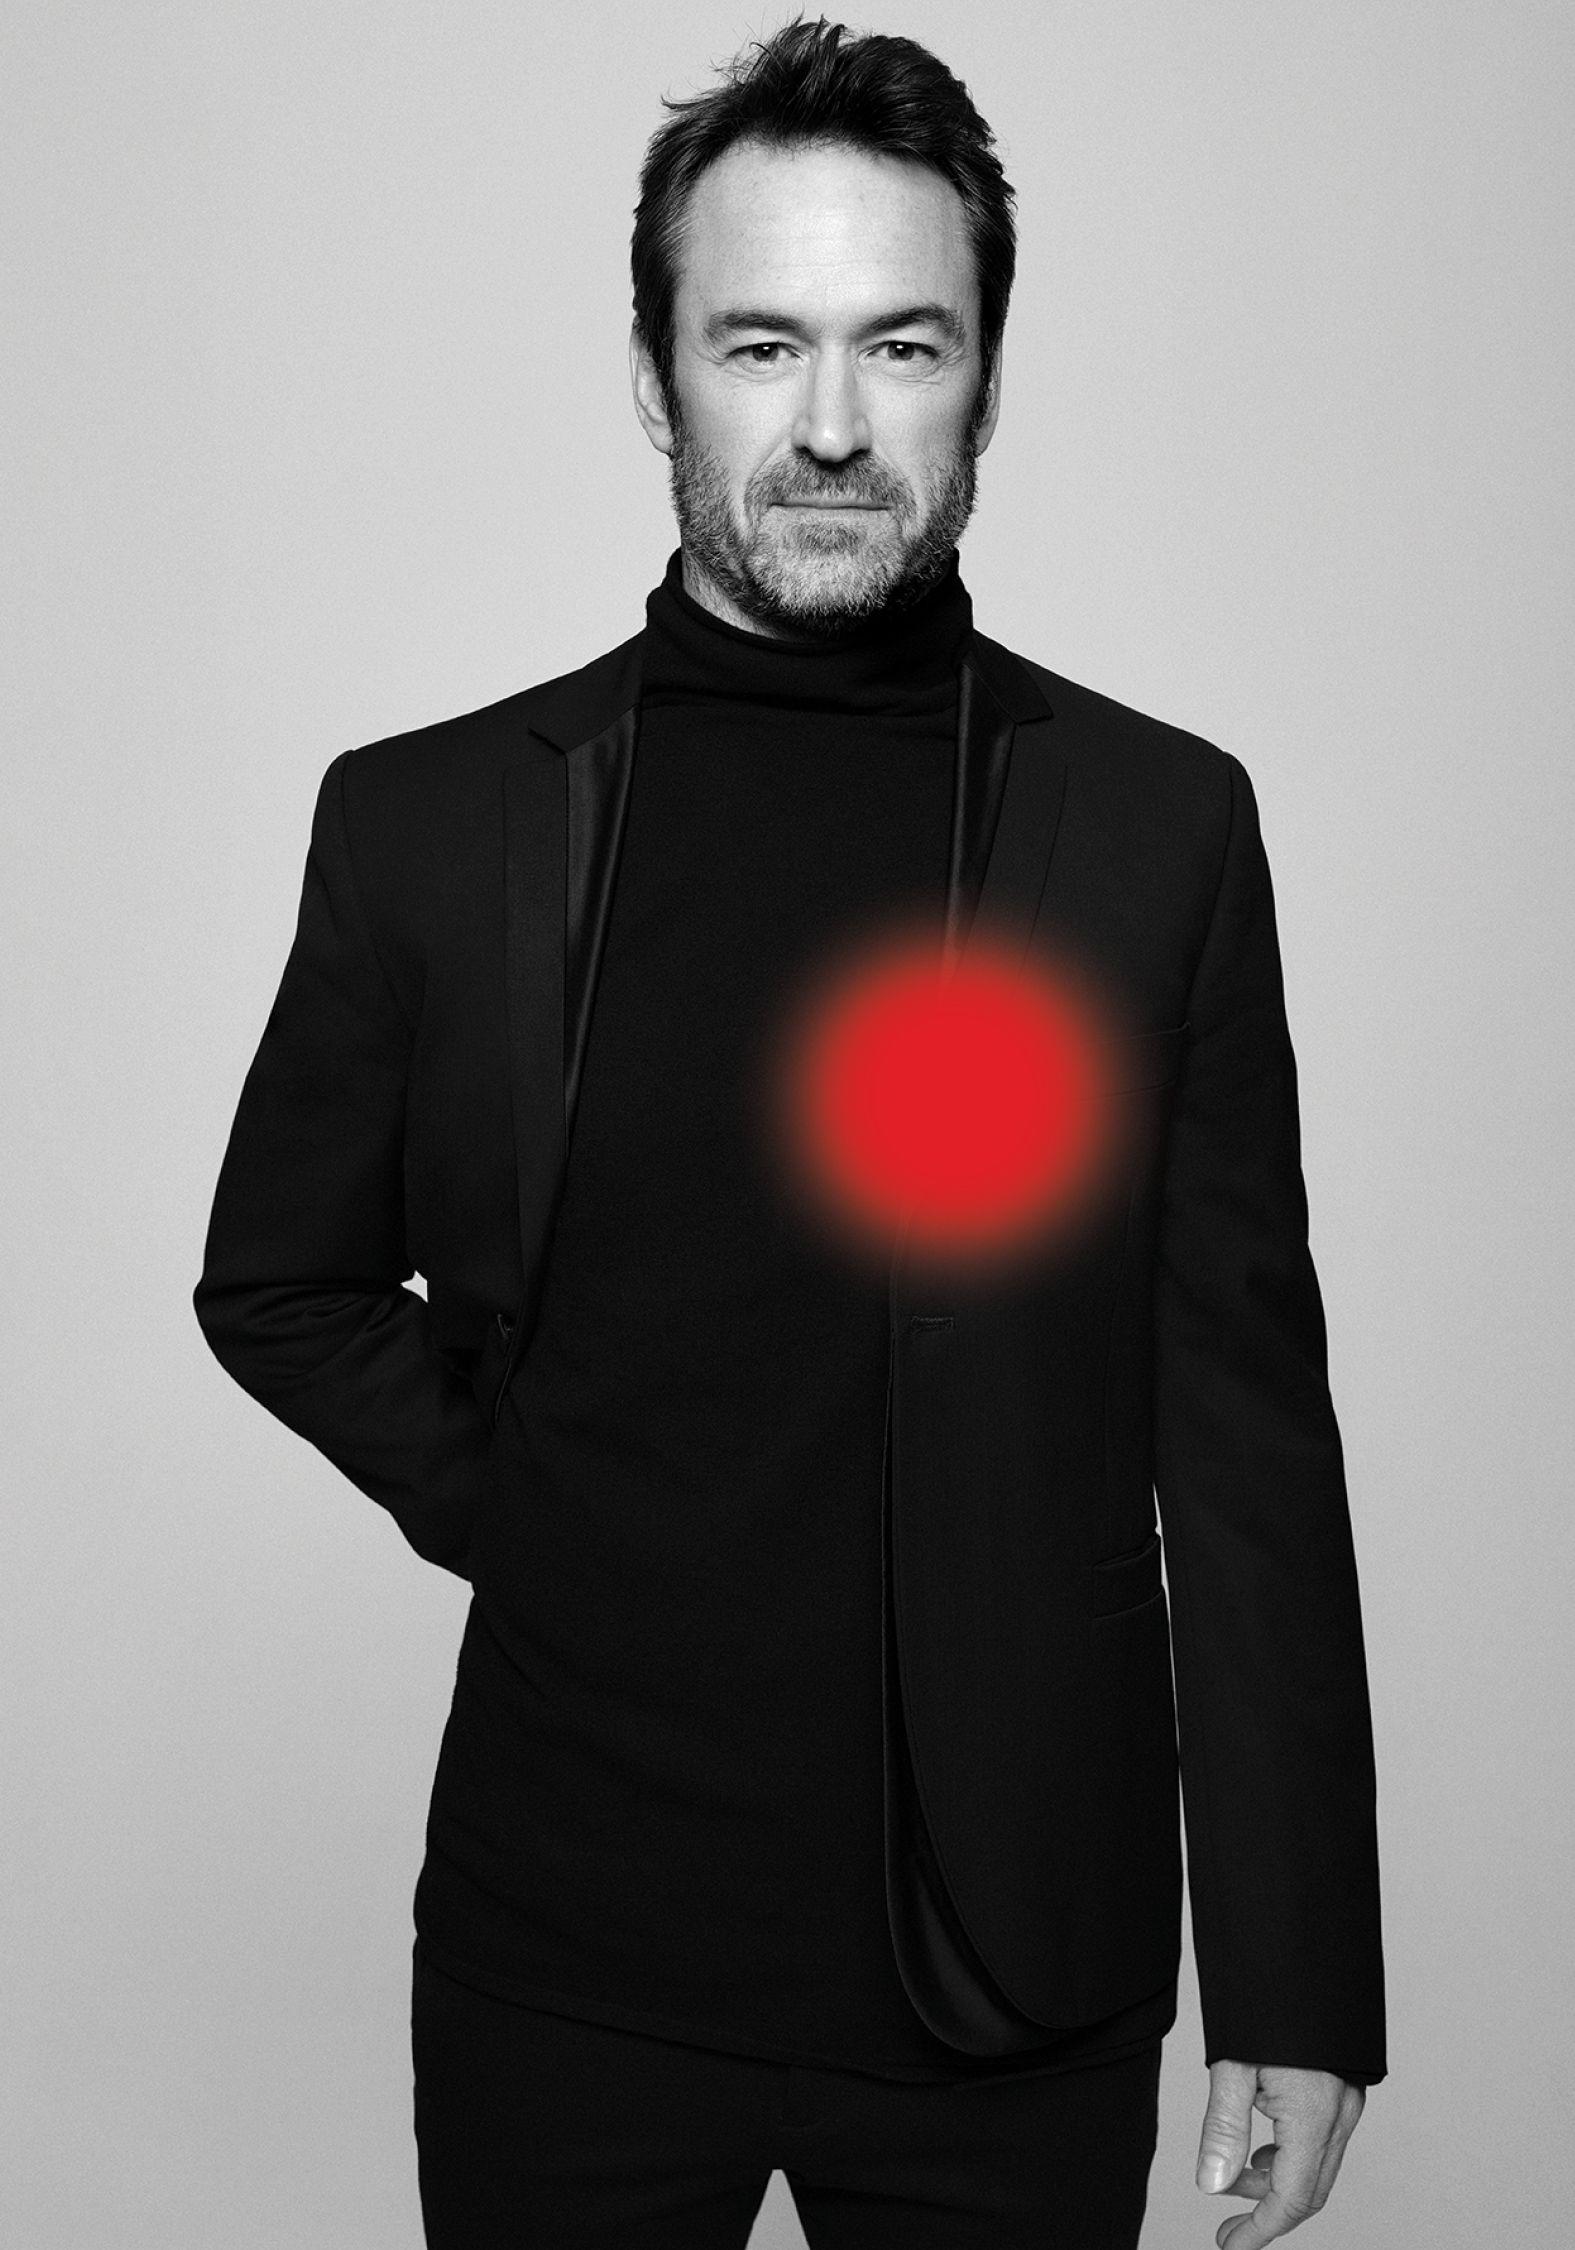 Portrait en noir et blanc de l'acteur Sébastien Ricard portant un costume noir et une main derrière le dos.